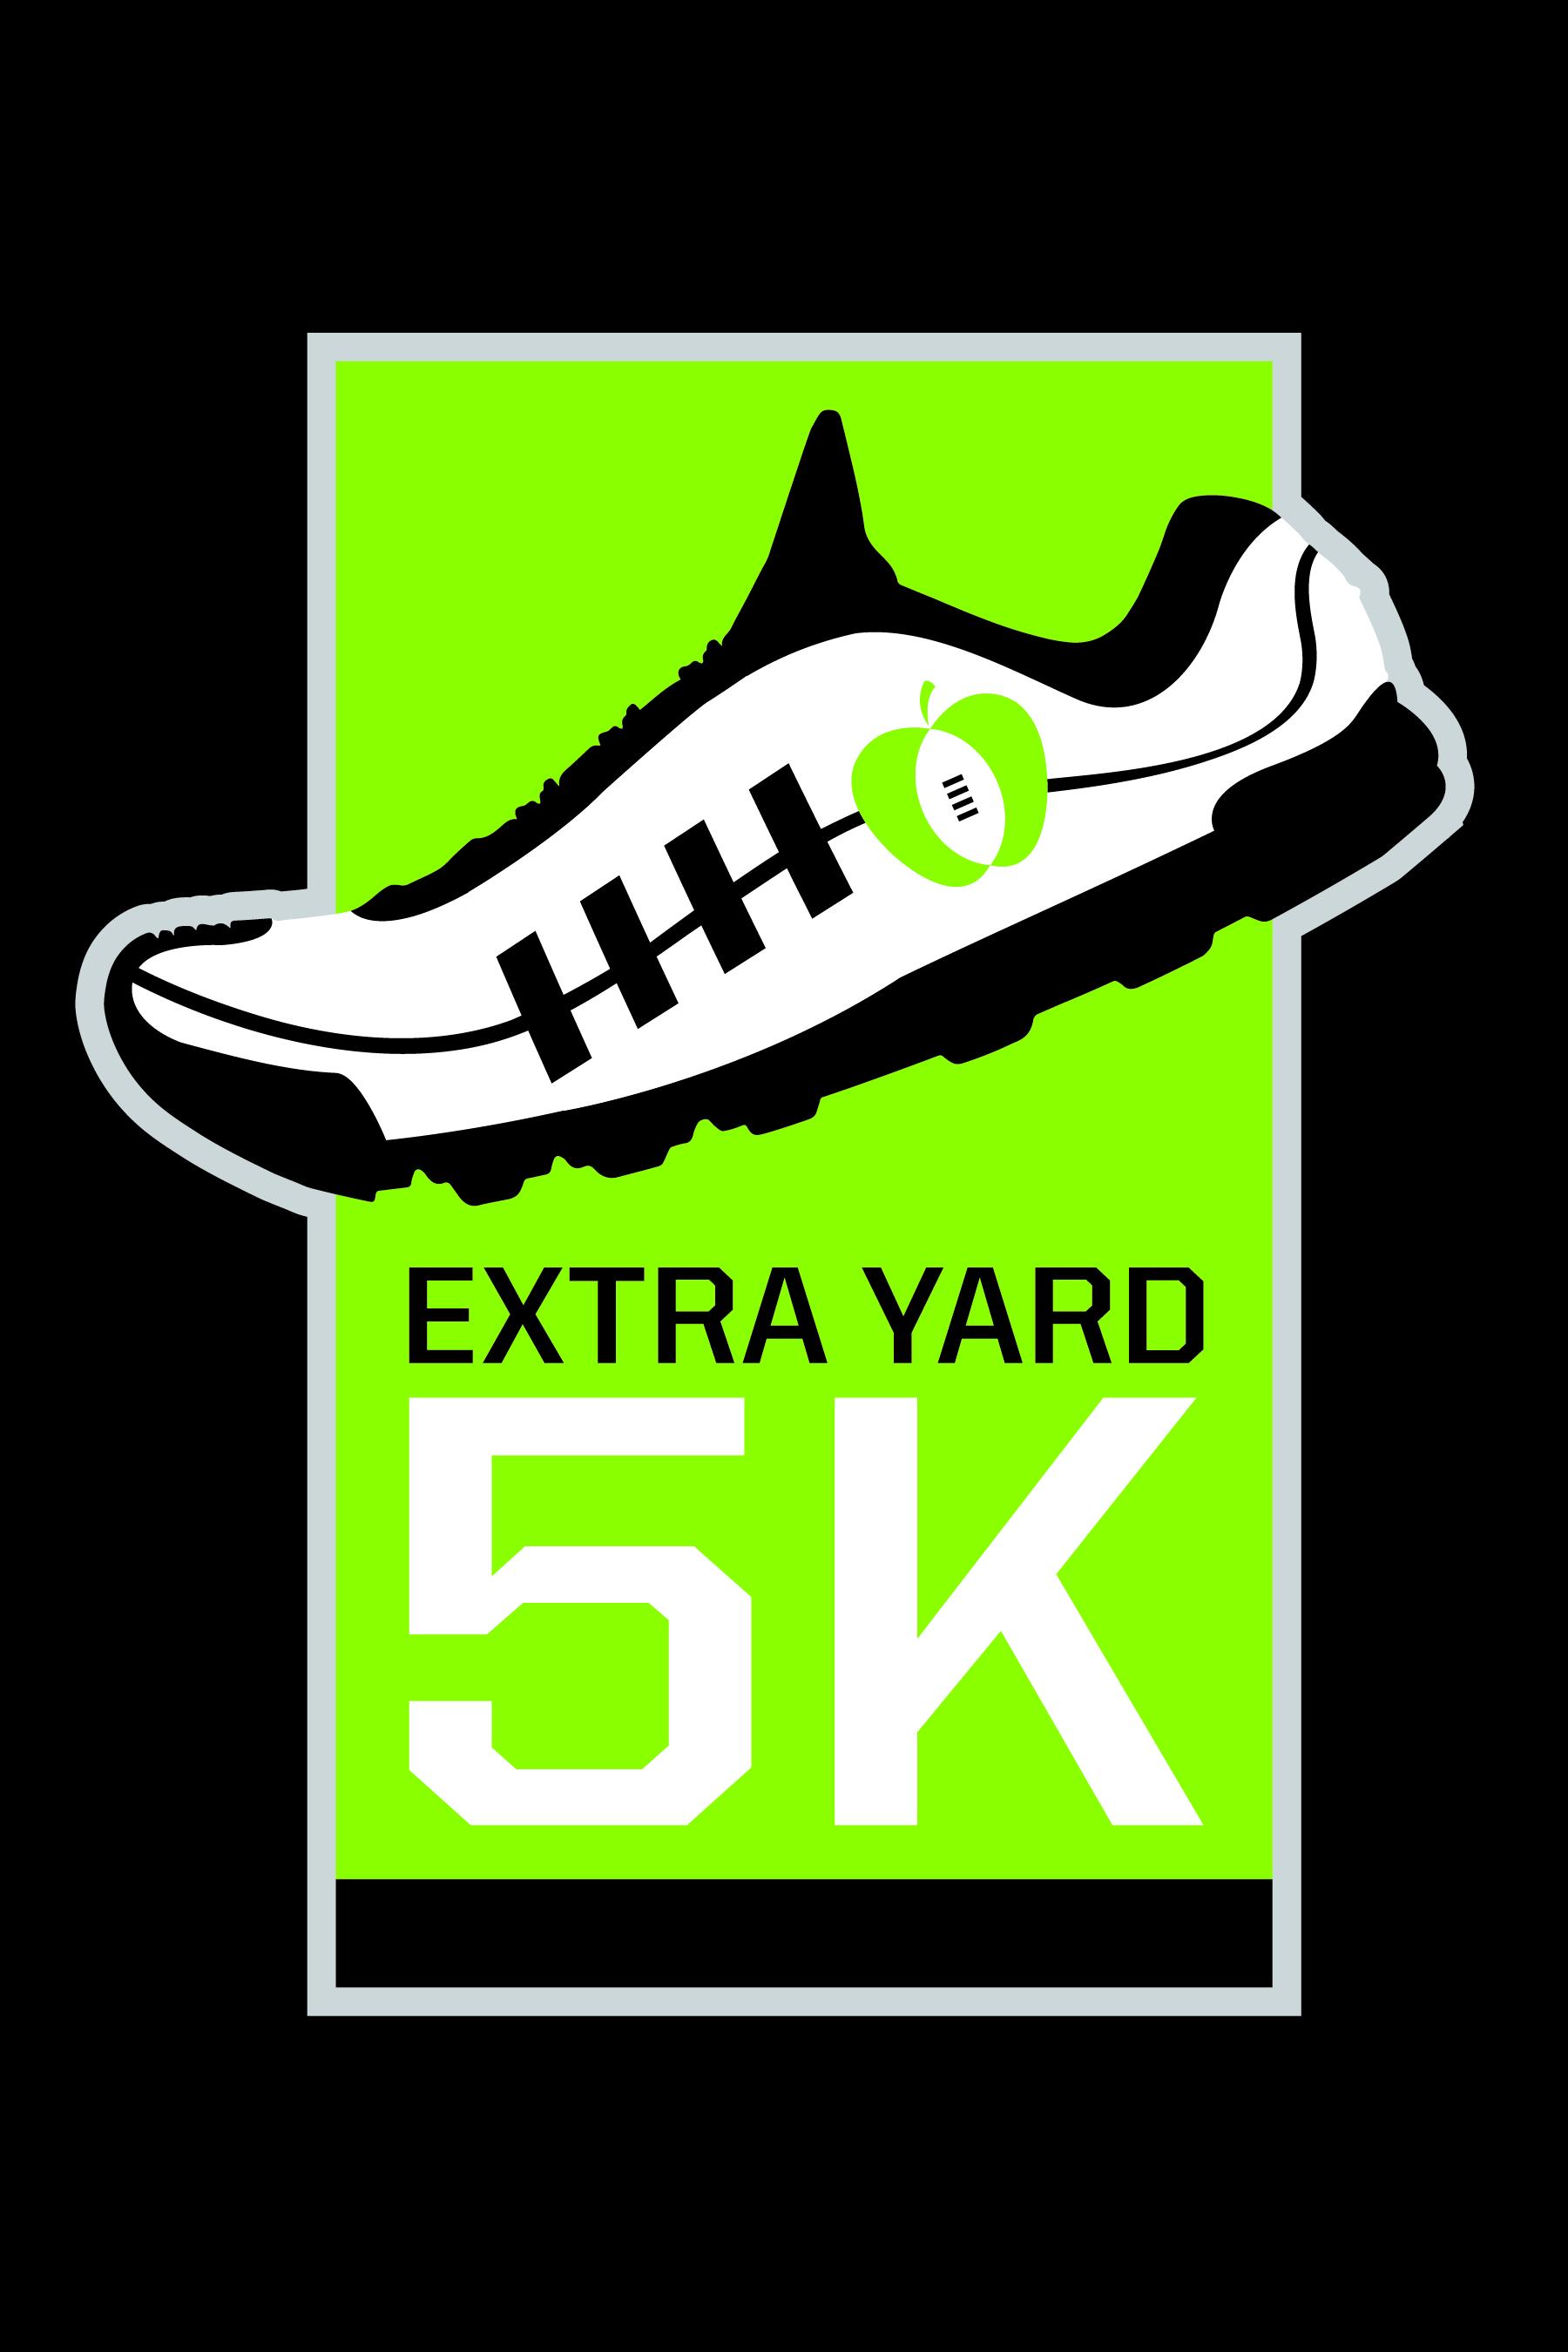 CFP Extra Yard 5K Logo Dark BG.jpg